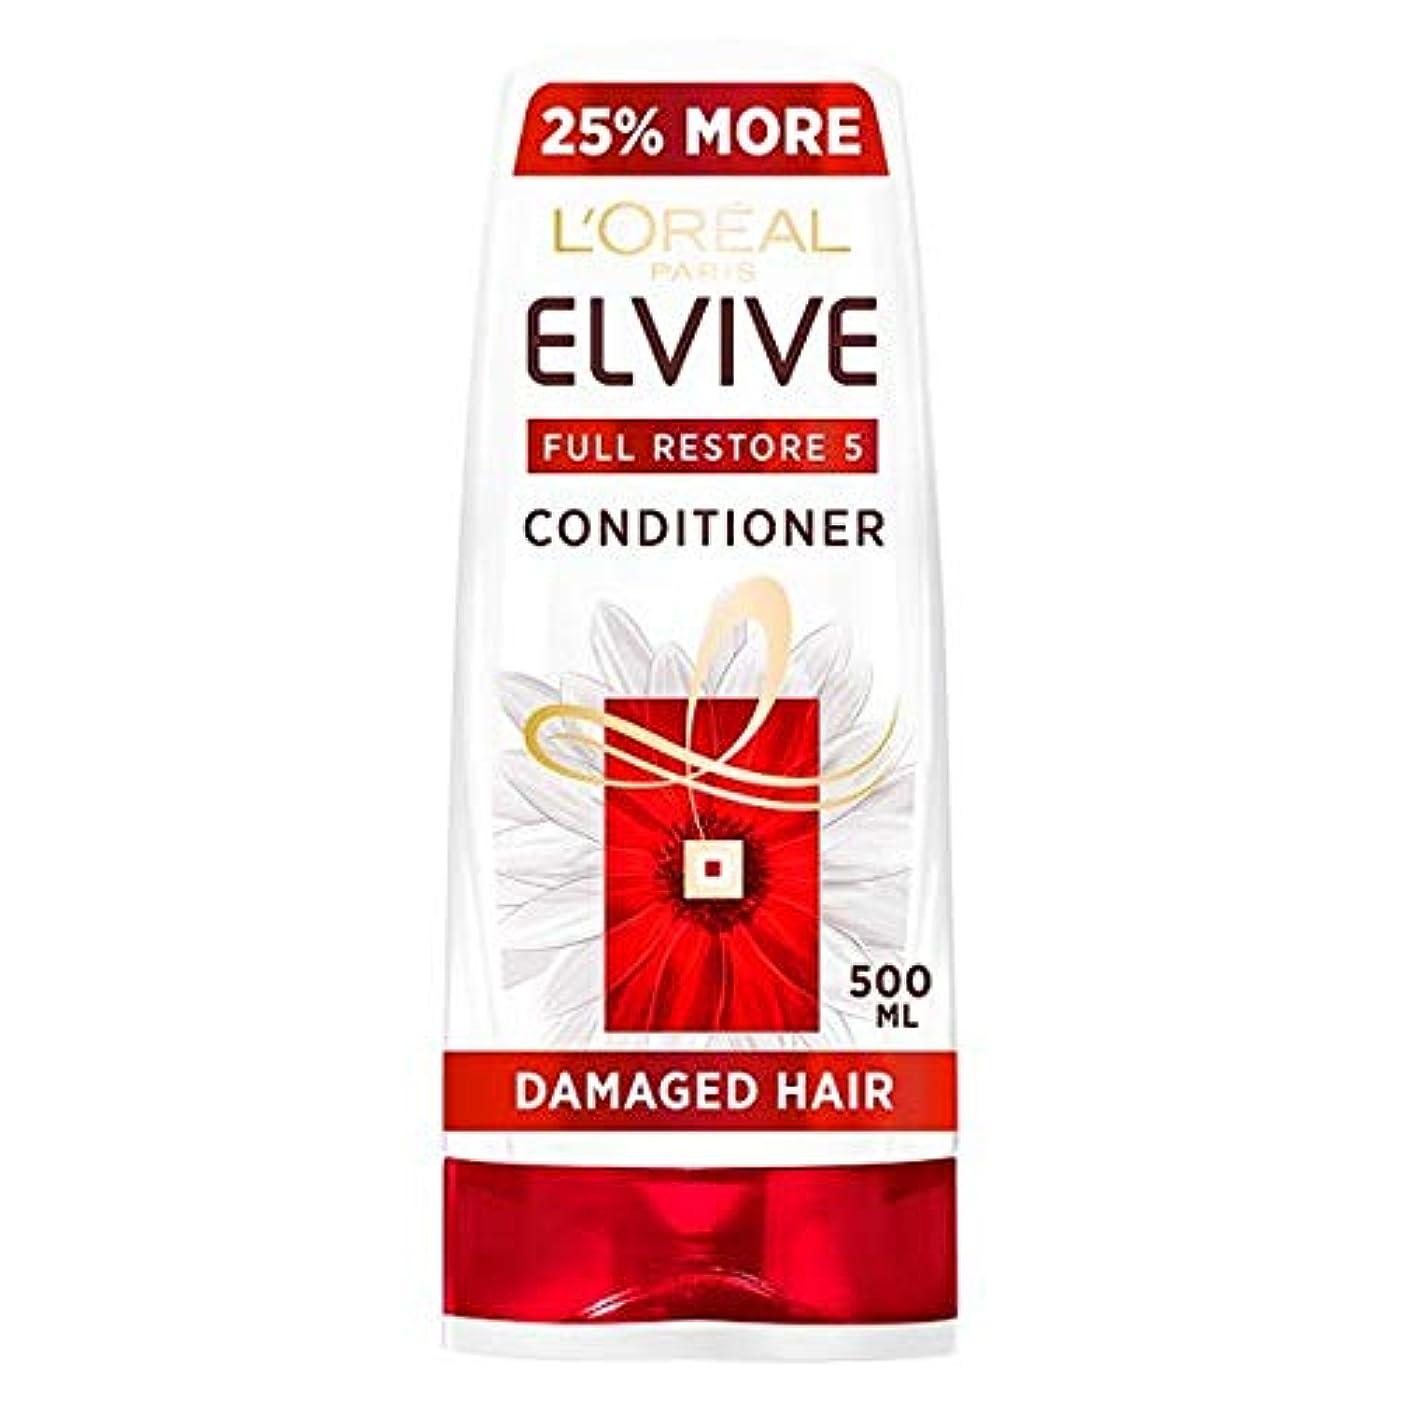 特異性累積ストラトフォードオンエイボン[Elvive] ロレアルElvive極度のダメージヘアコンディショナー500ミリリットル - L'oreal Elvive Extreme Damaged Hair Conditioner 500Ml [並行輸入品]